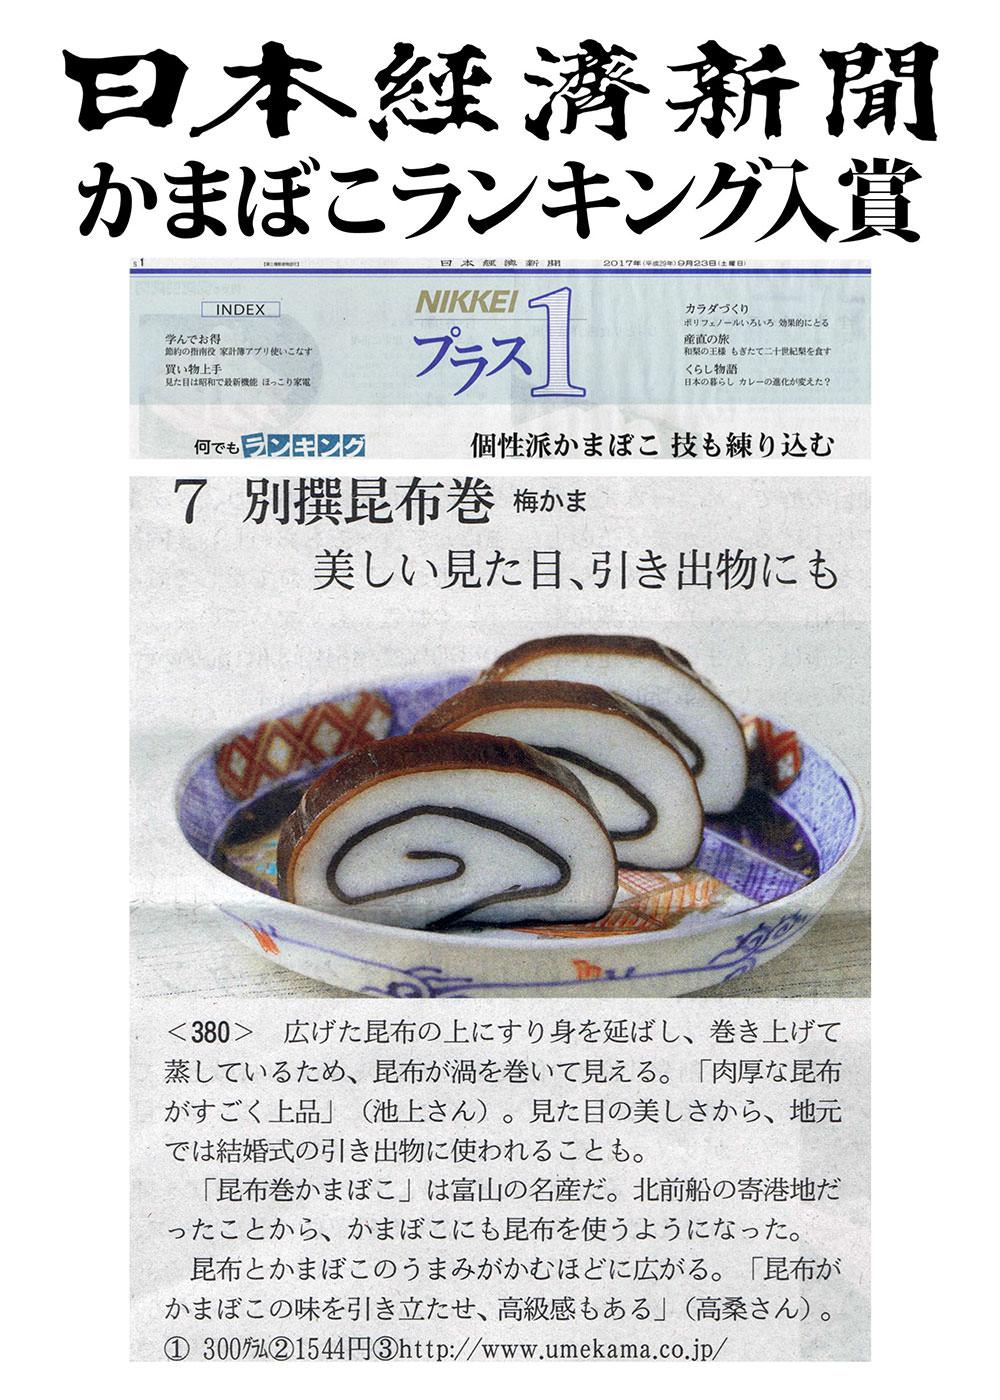 日経新聞 かまぼこランキング入賞「別撰 昆布巻」